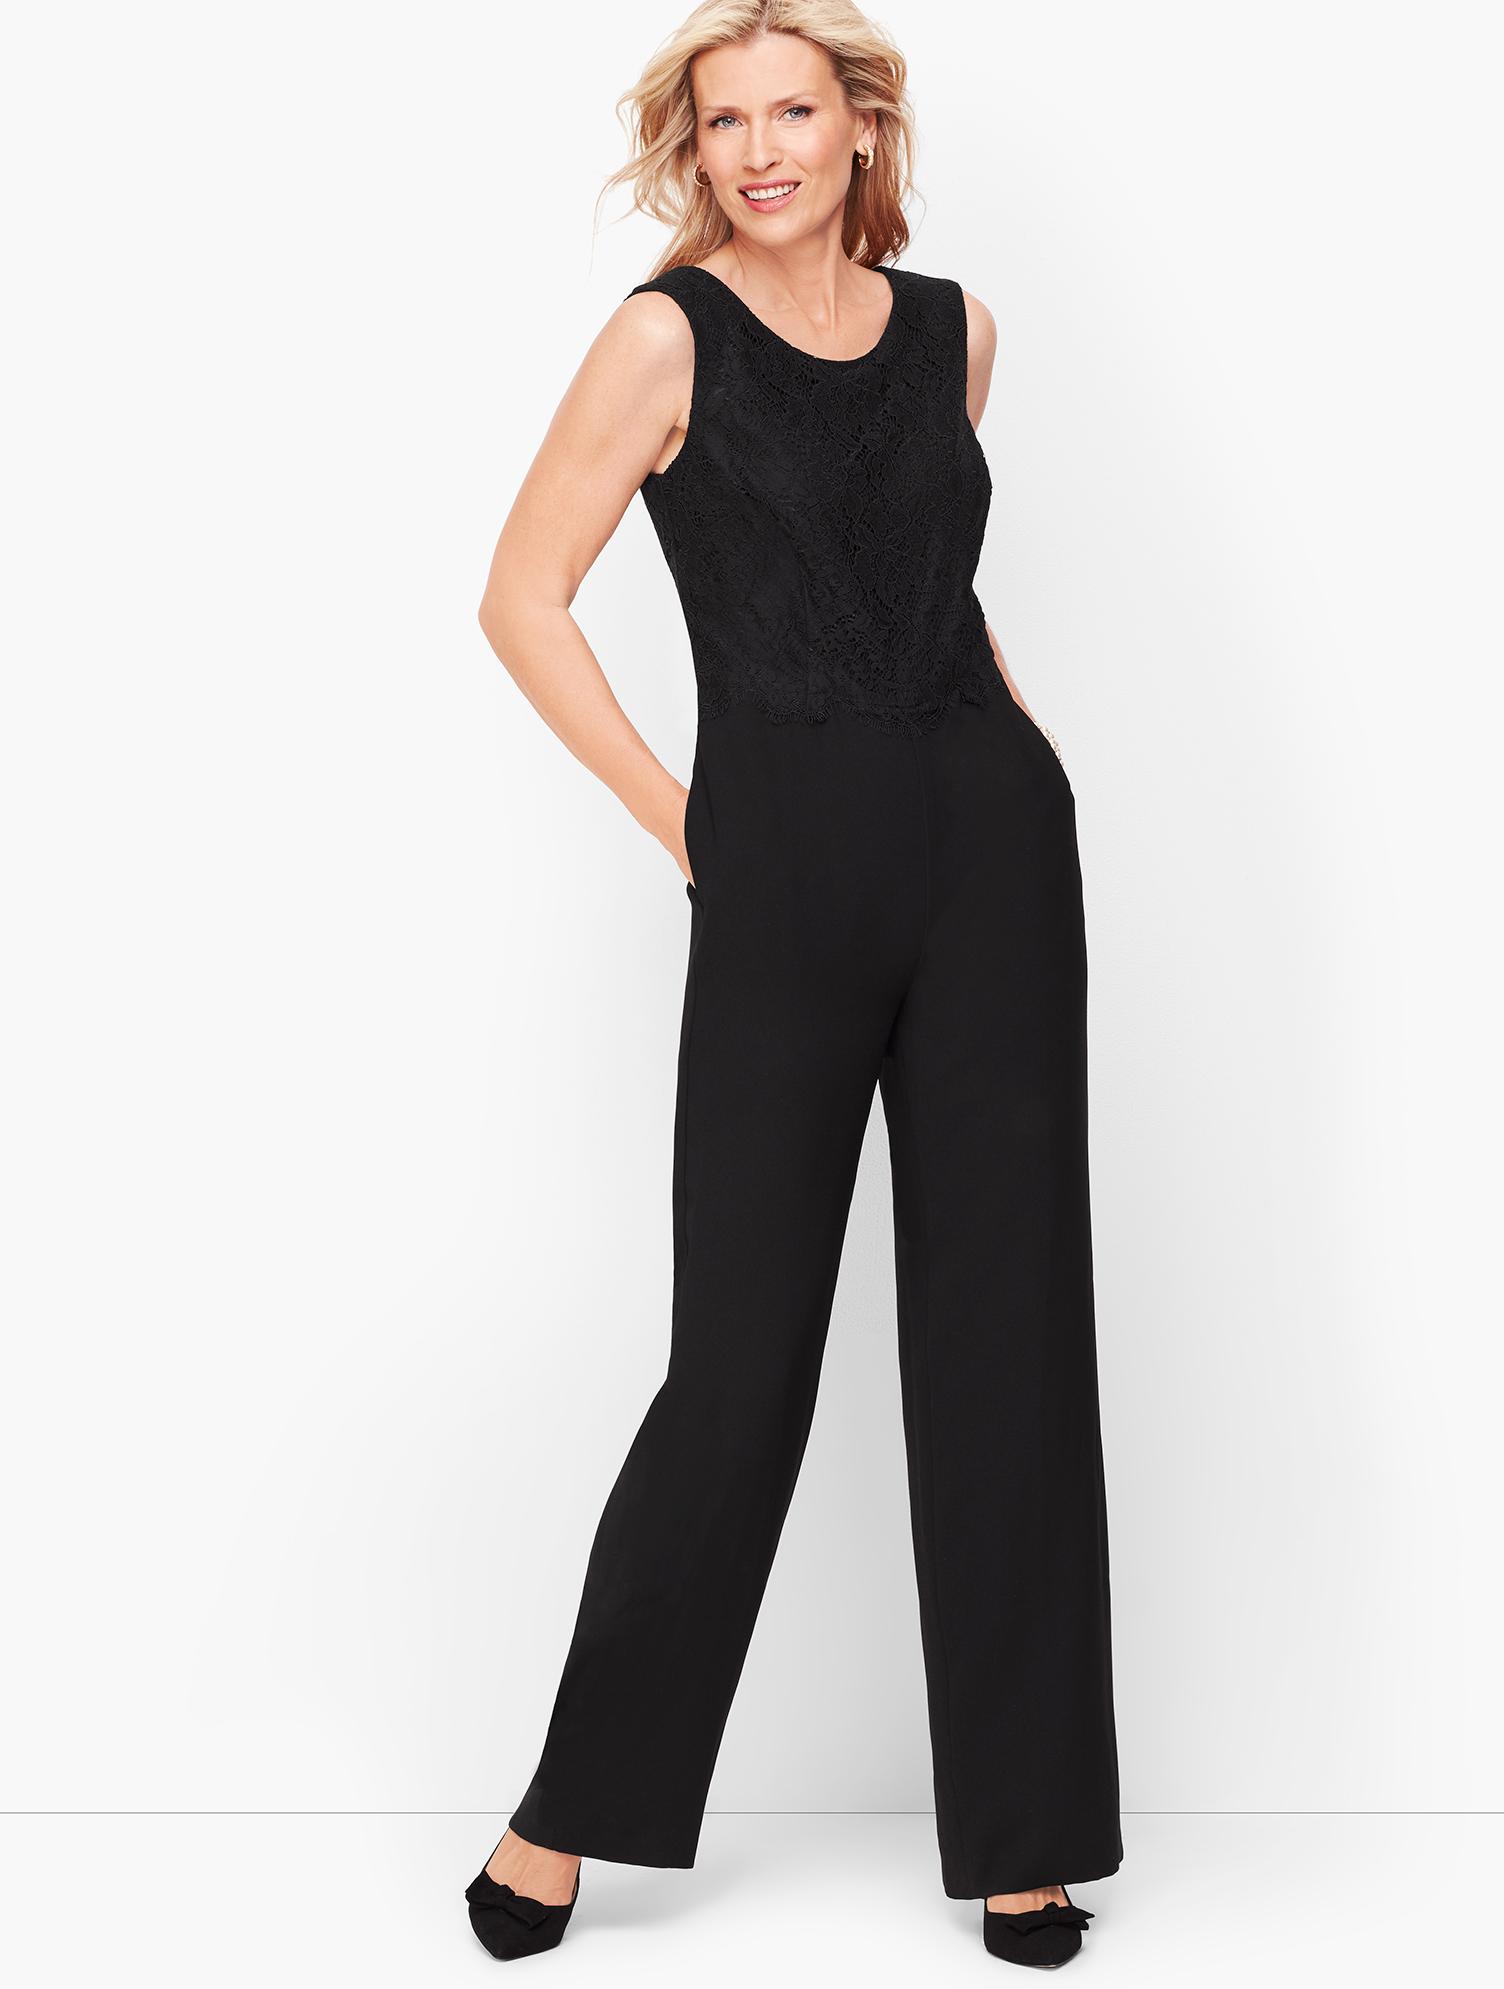 70s Jumpsuit   Disco Jumpsuits – Sequin, Striped, Gold, White, Black Crepe  Lace Jumpsuit - BLACK - 16 - Talbots $126.75 AT vintagedancer.com